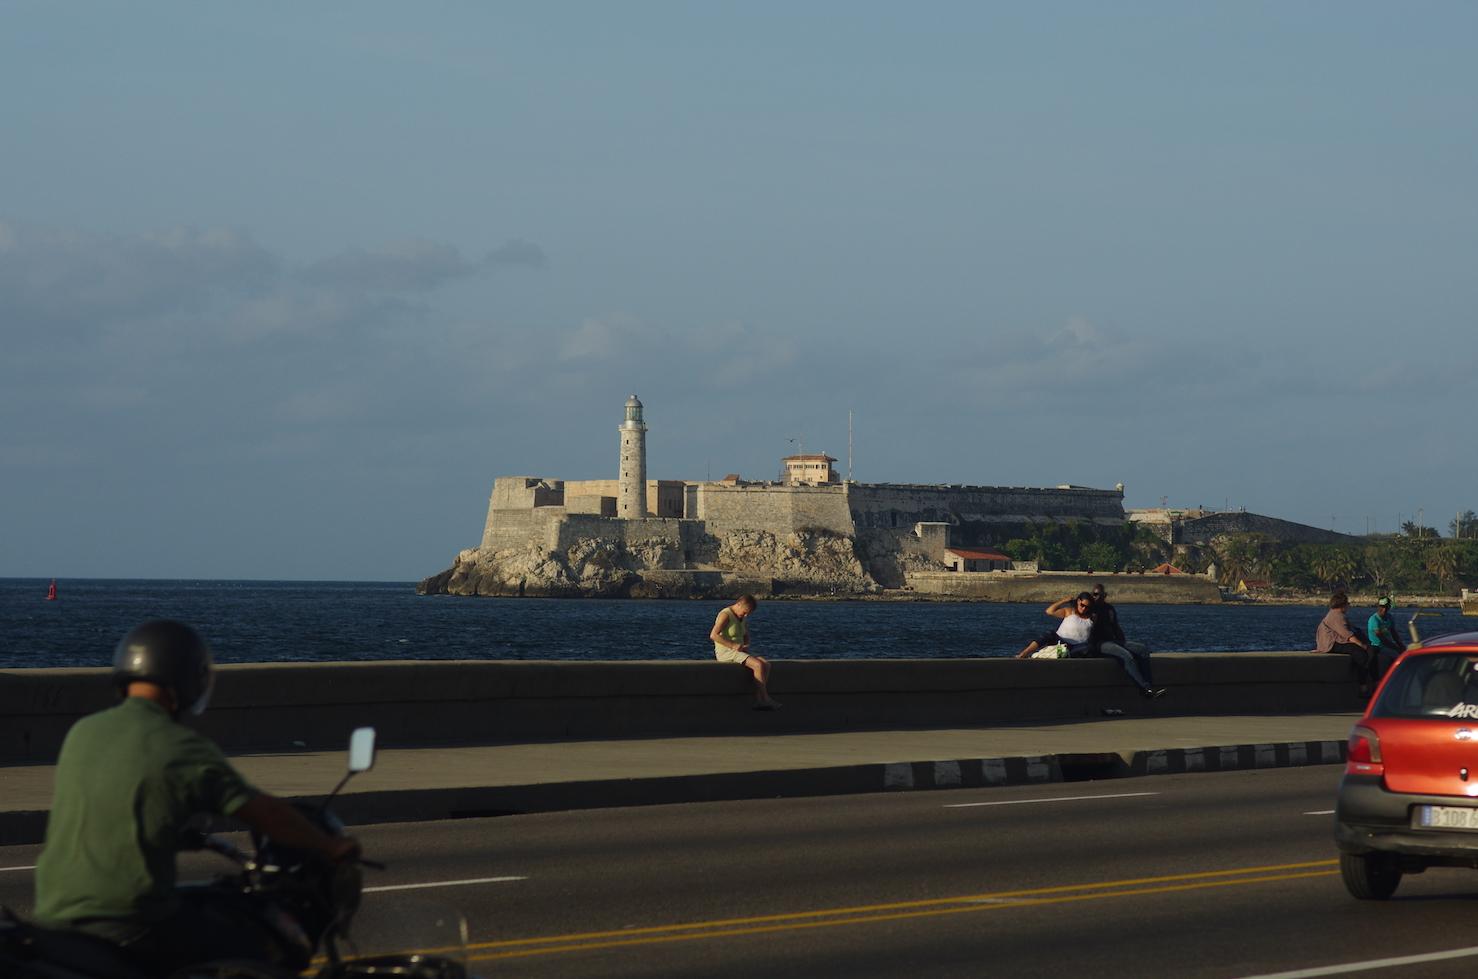 'El Morro' guards the entrance to Havana harbor.